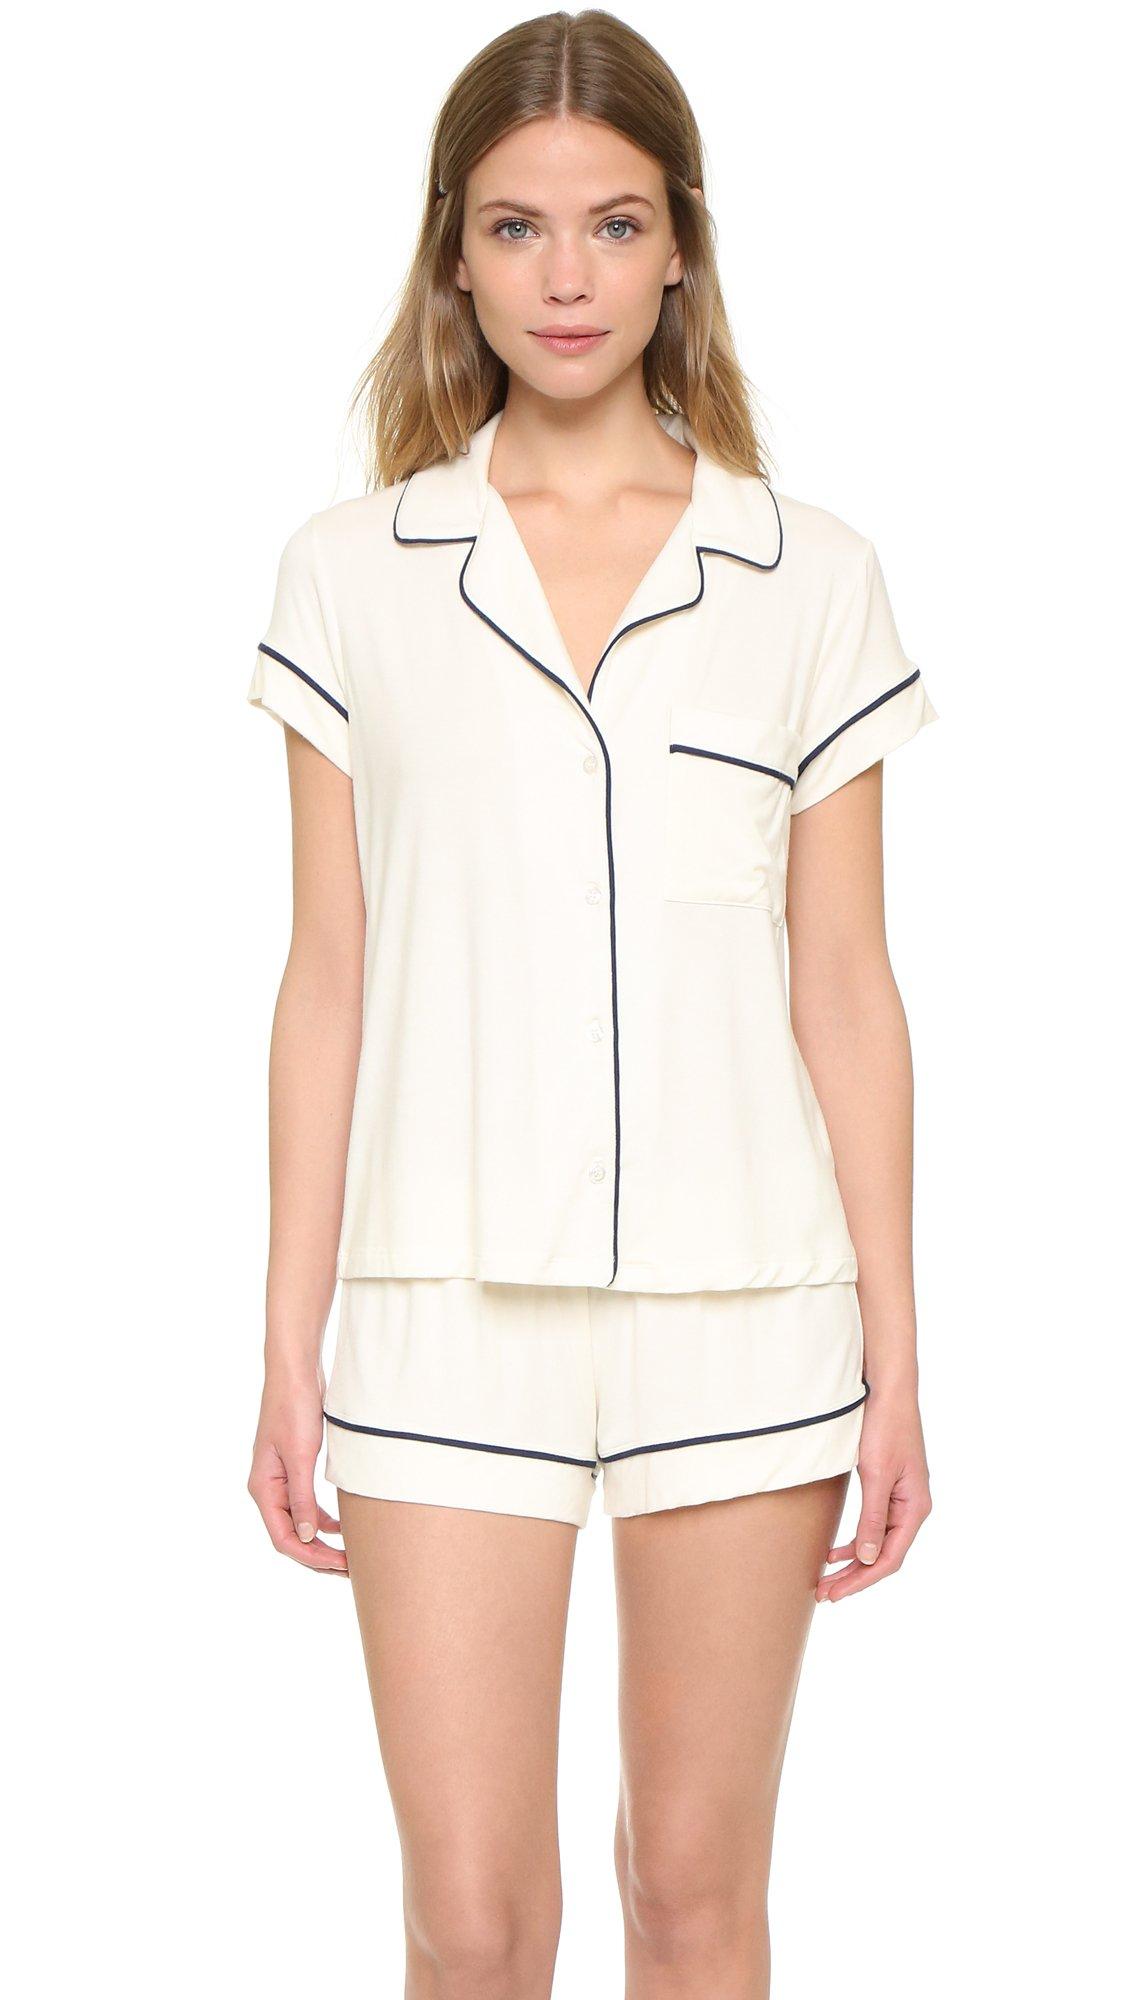 eberjey Women's Gisele Short Pajama Set, Ivory, Small